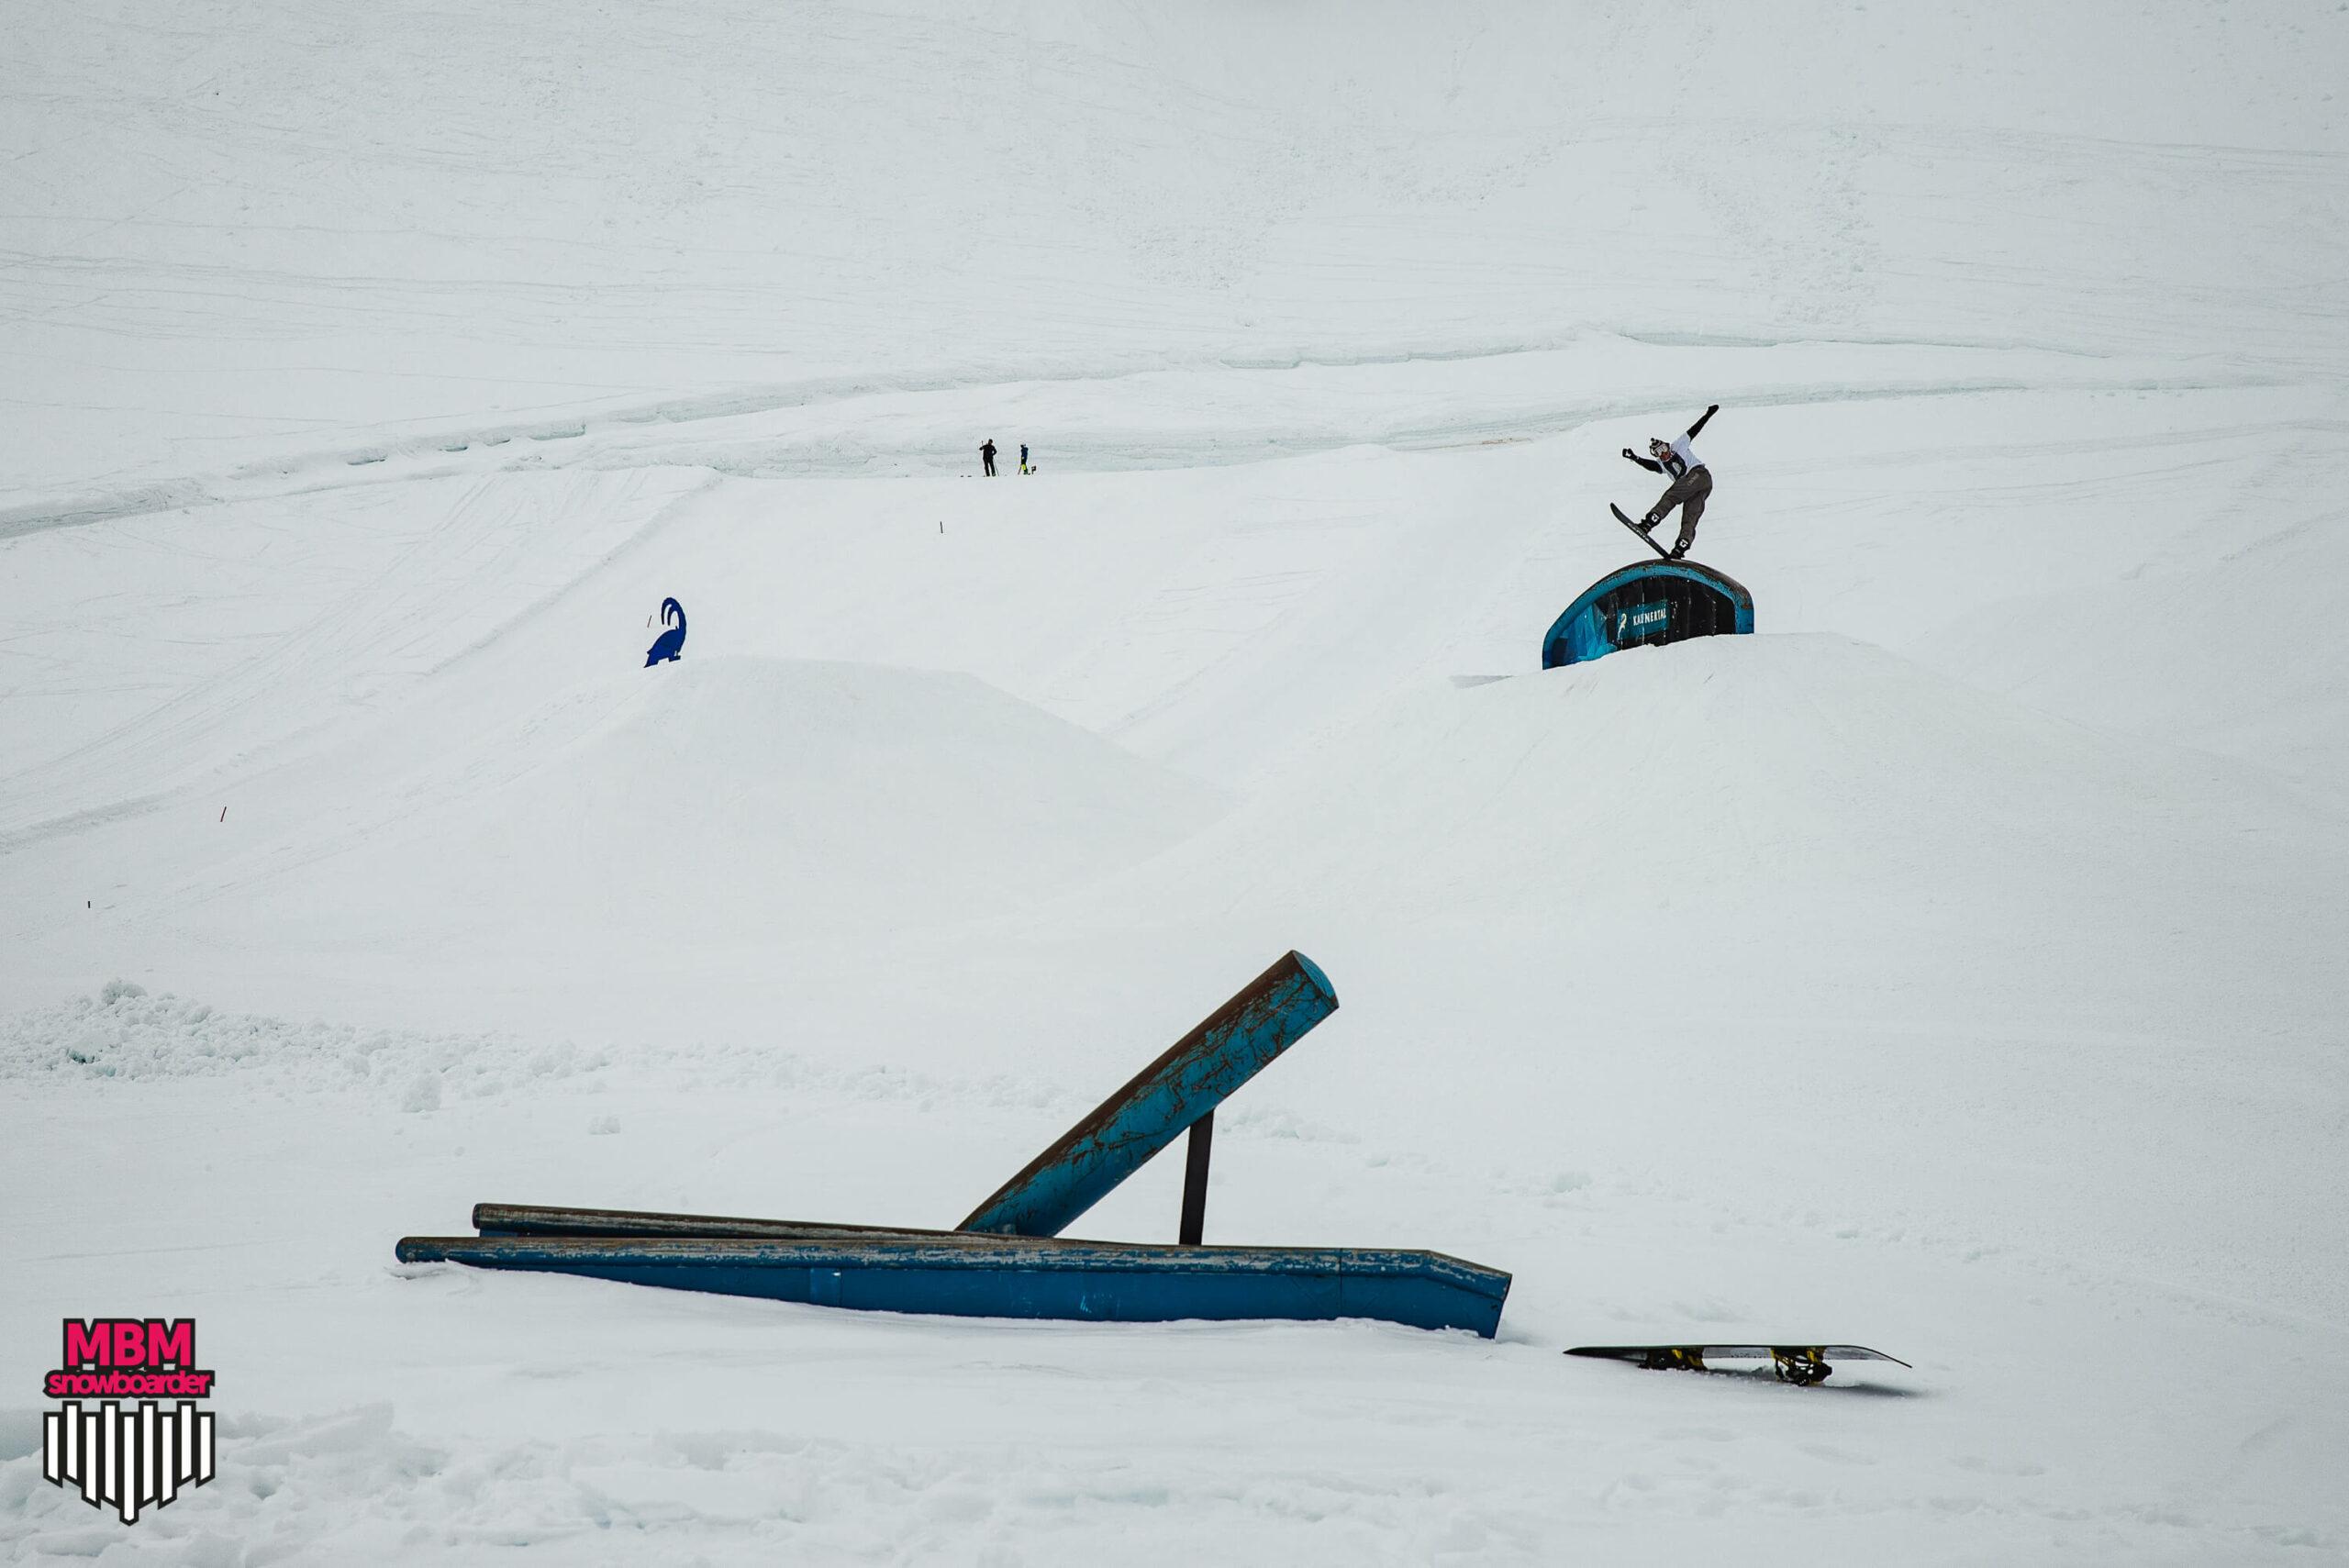 snowboarderMBM_sd_kaunertal_062